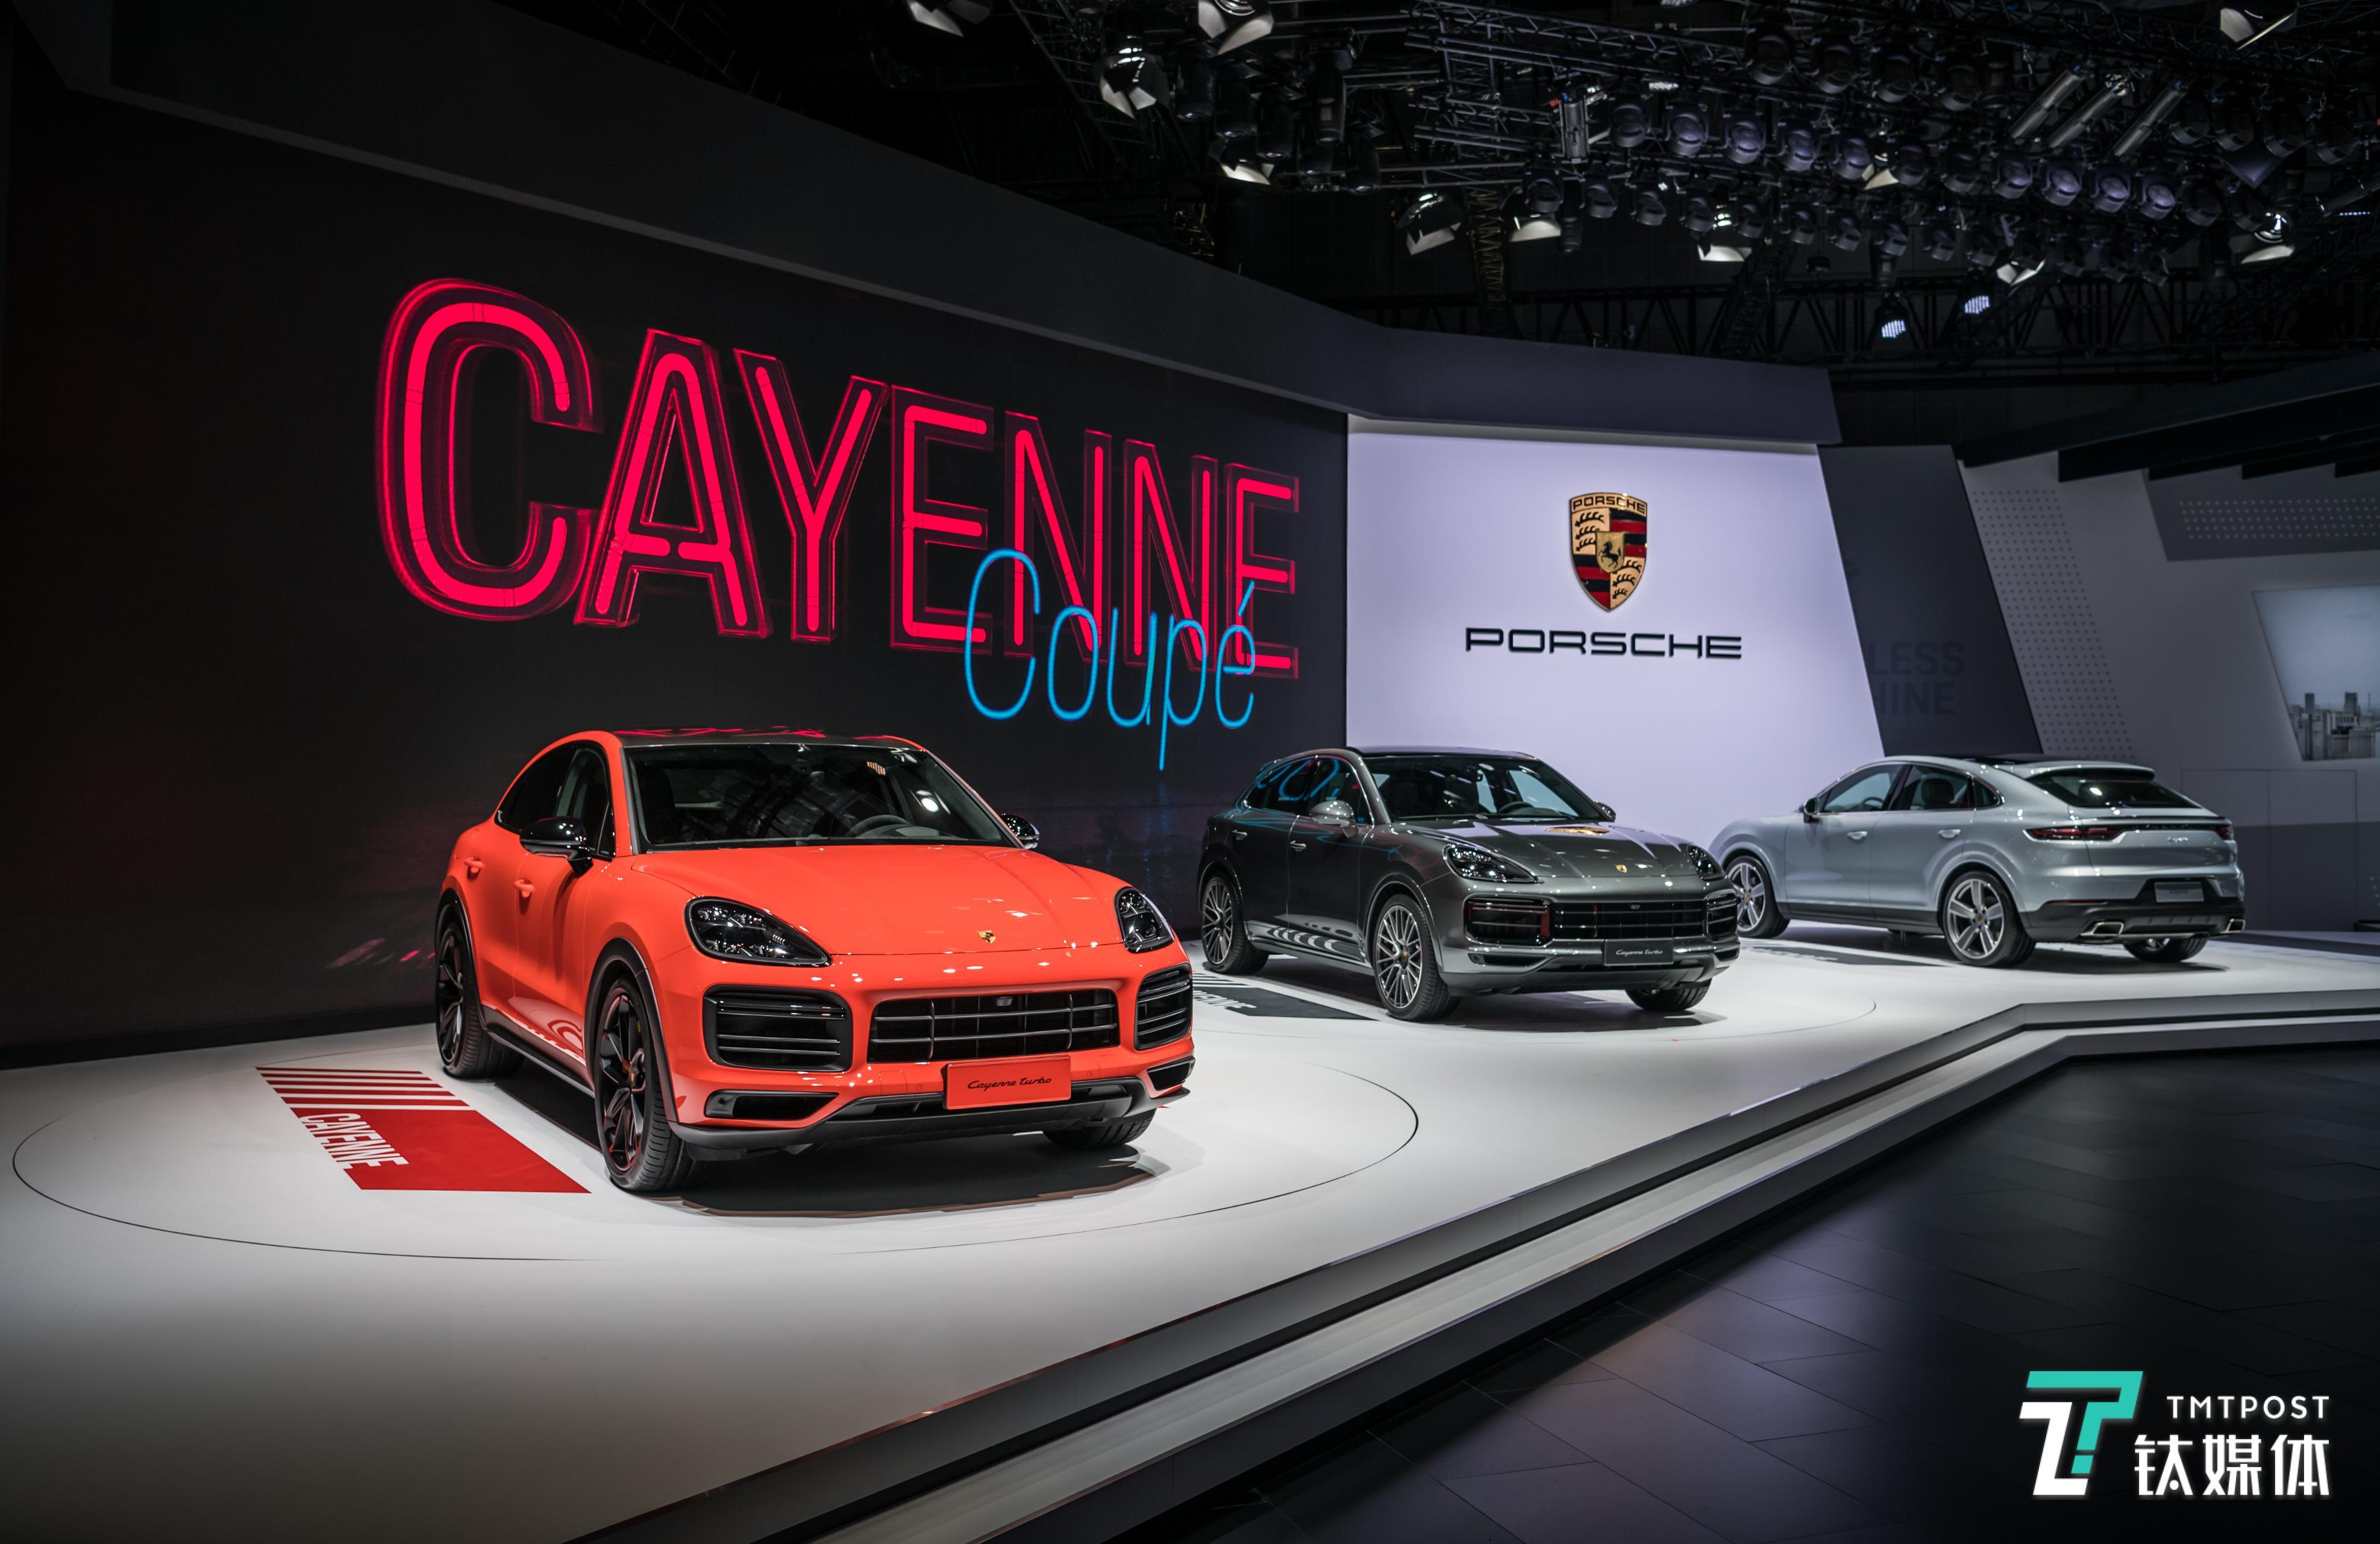 保时捷Cayenne Coupé亚洲首秀,它将被推向新的细分市场 | 一线车讯